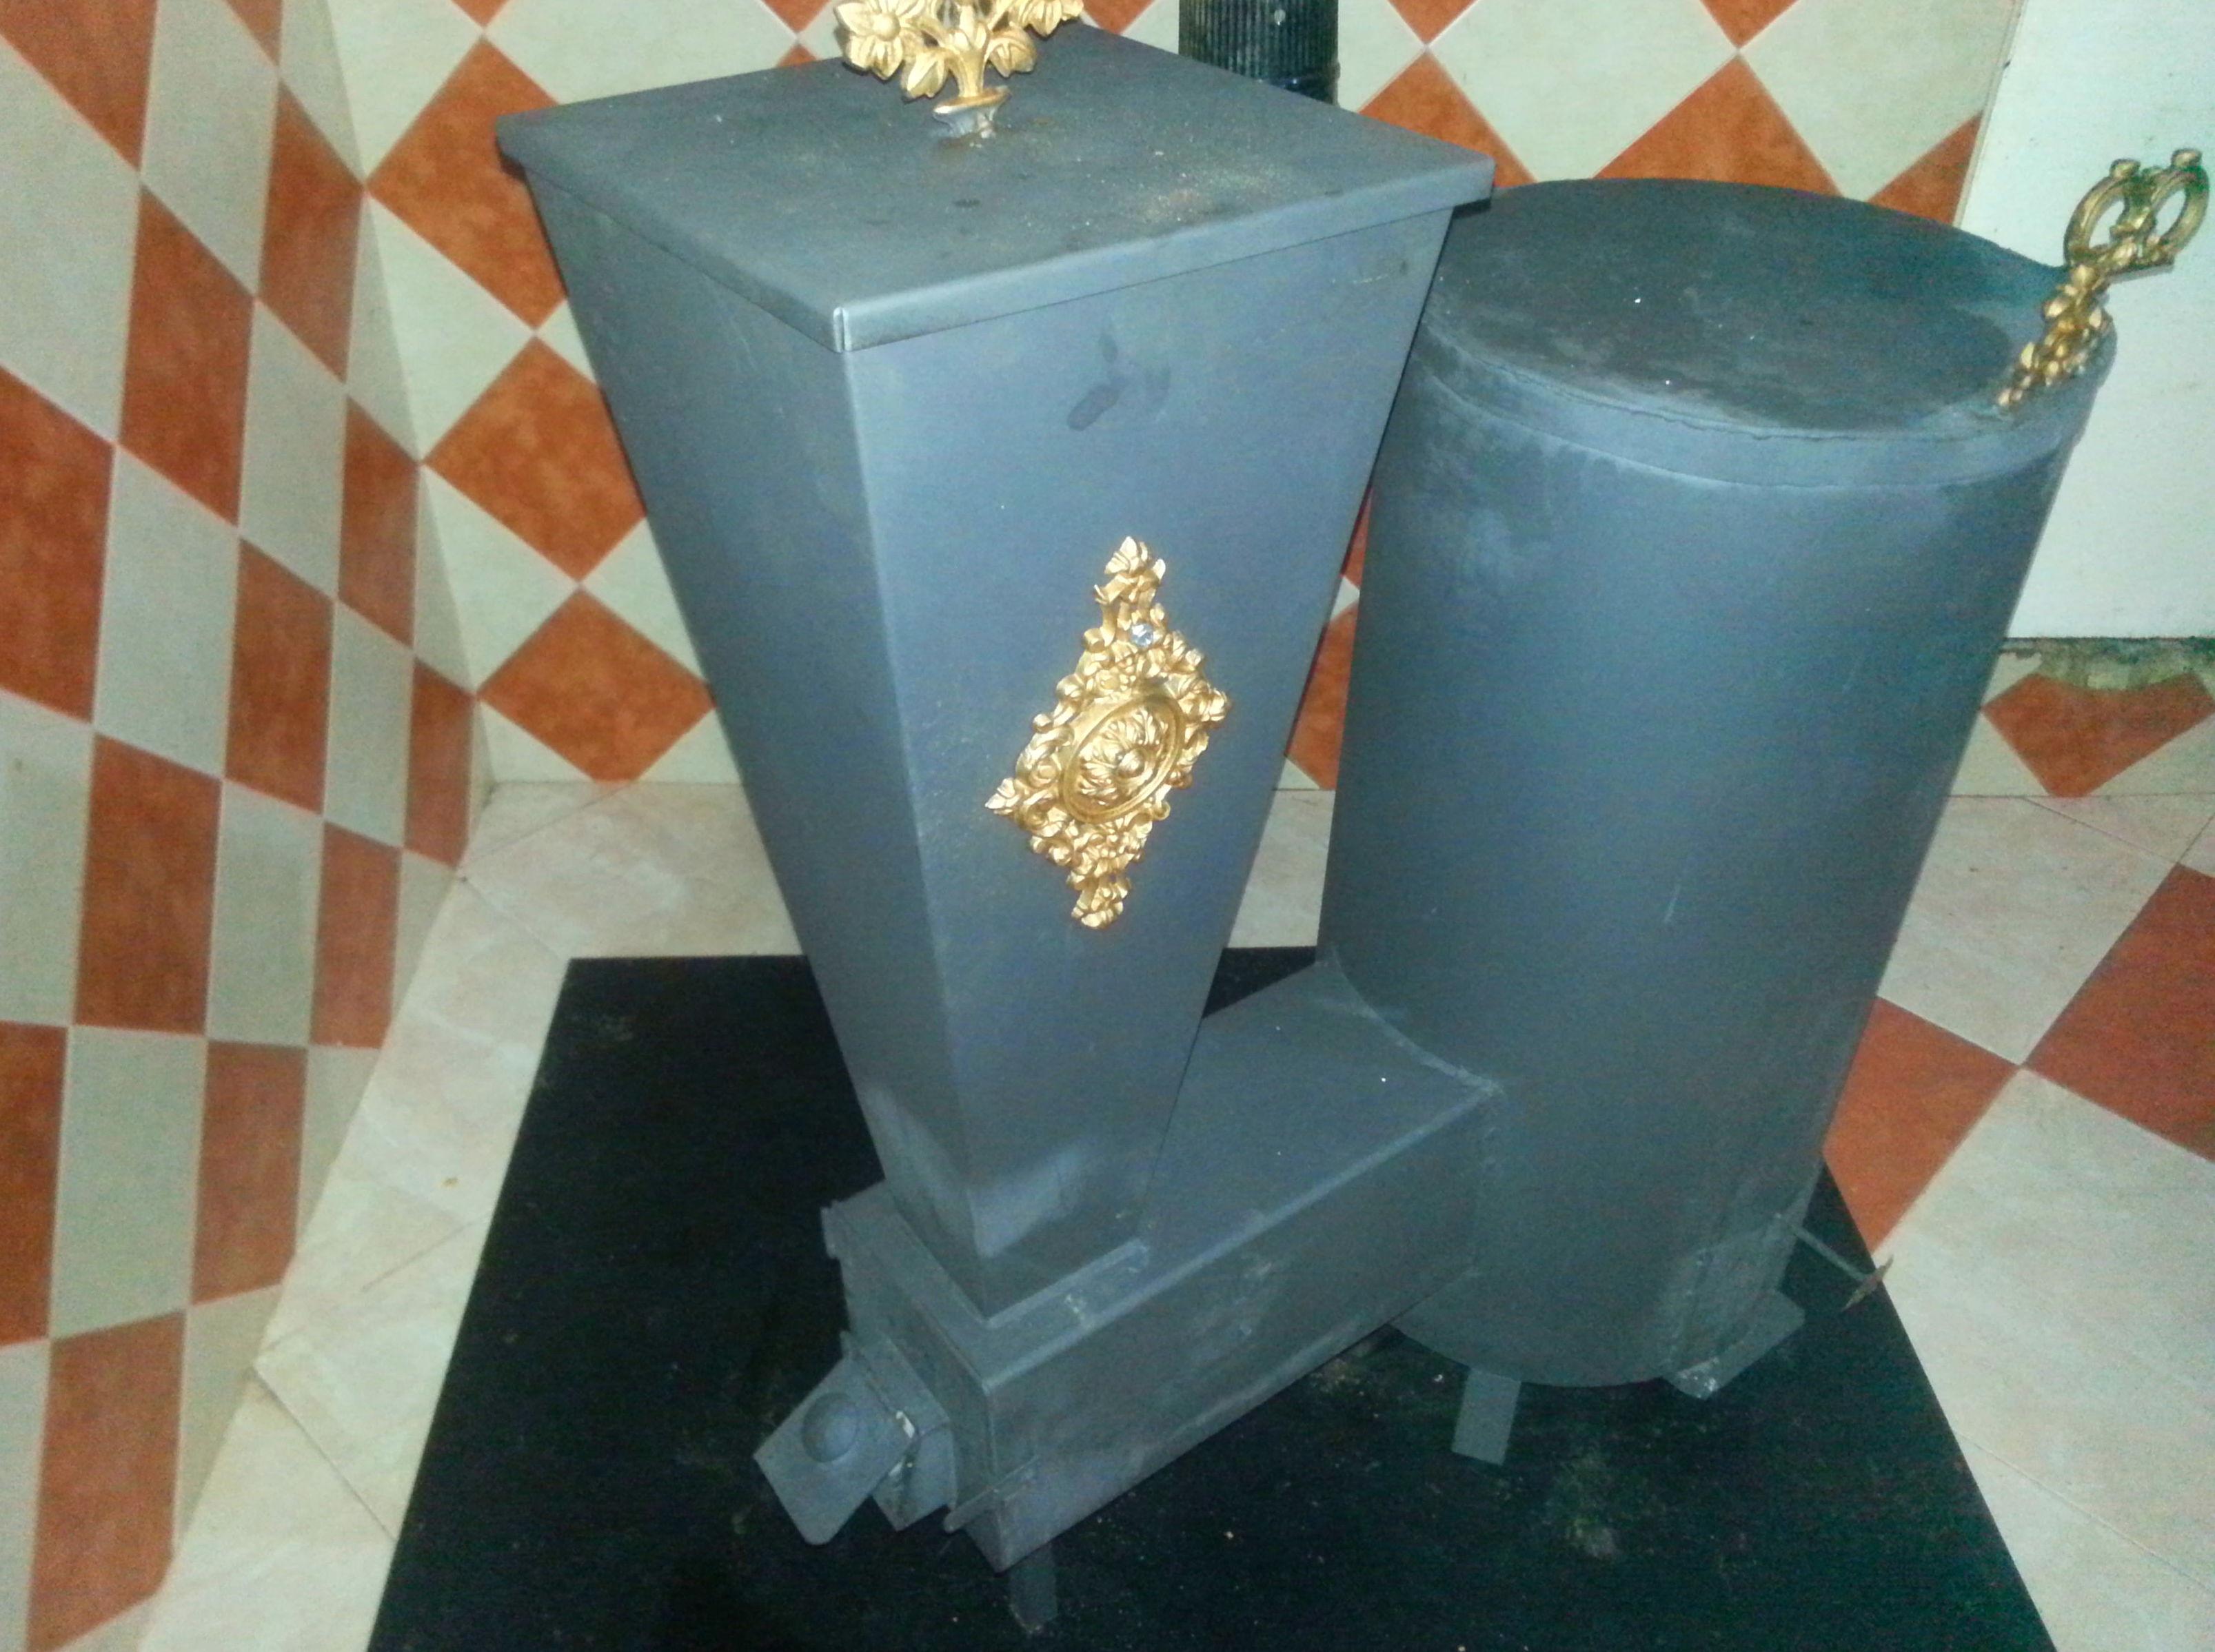 Estufa Mixta De Biomasa Y Le A Nuestros Productos De